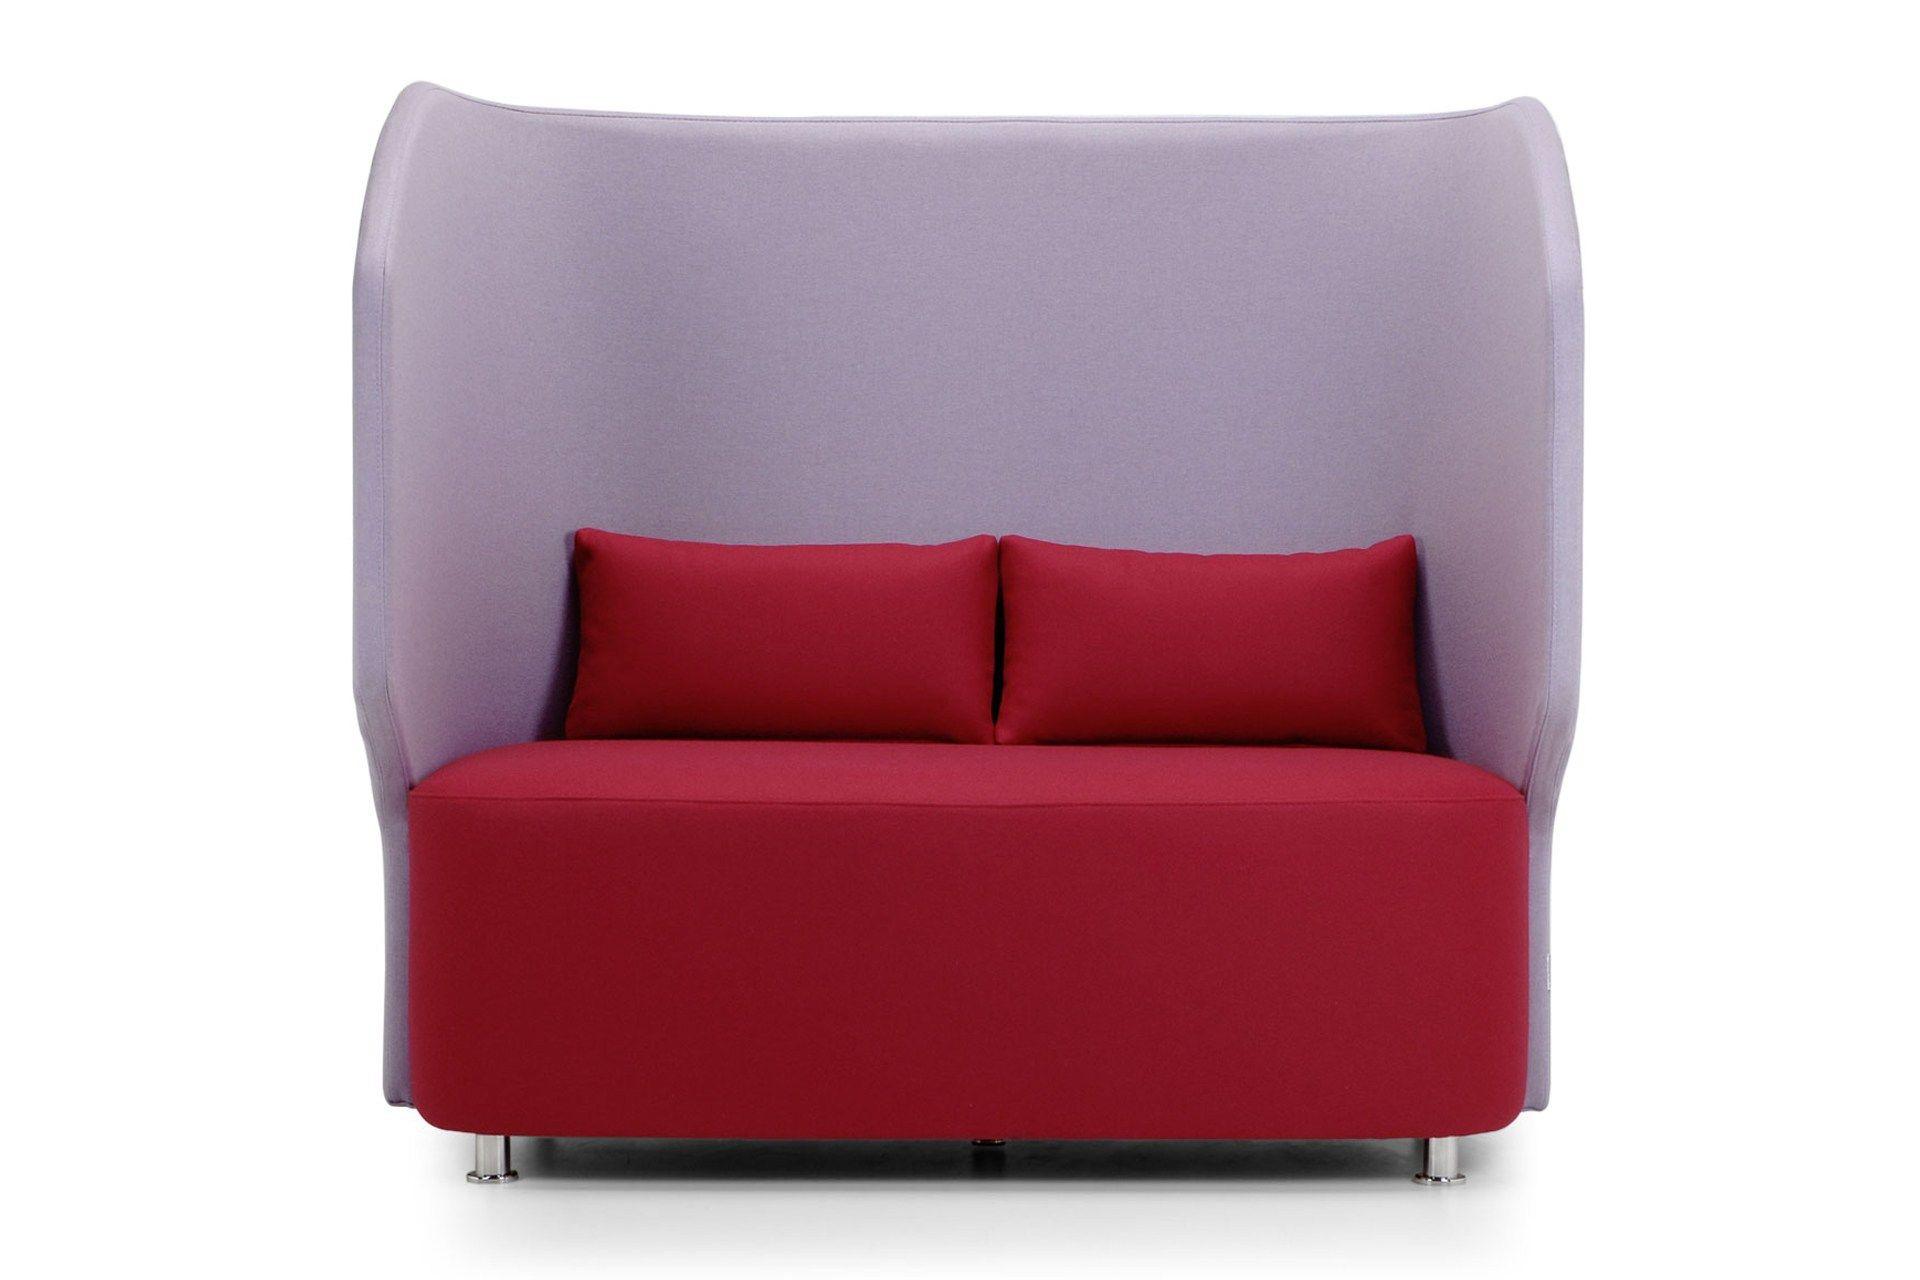 Maji divano con schienale alto collezione maji by adrenalina design setsu shinobu ito - Divano schienale alto ...